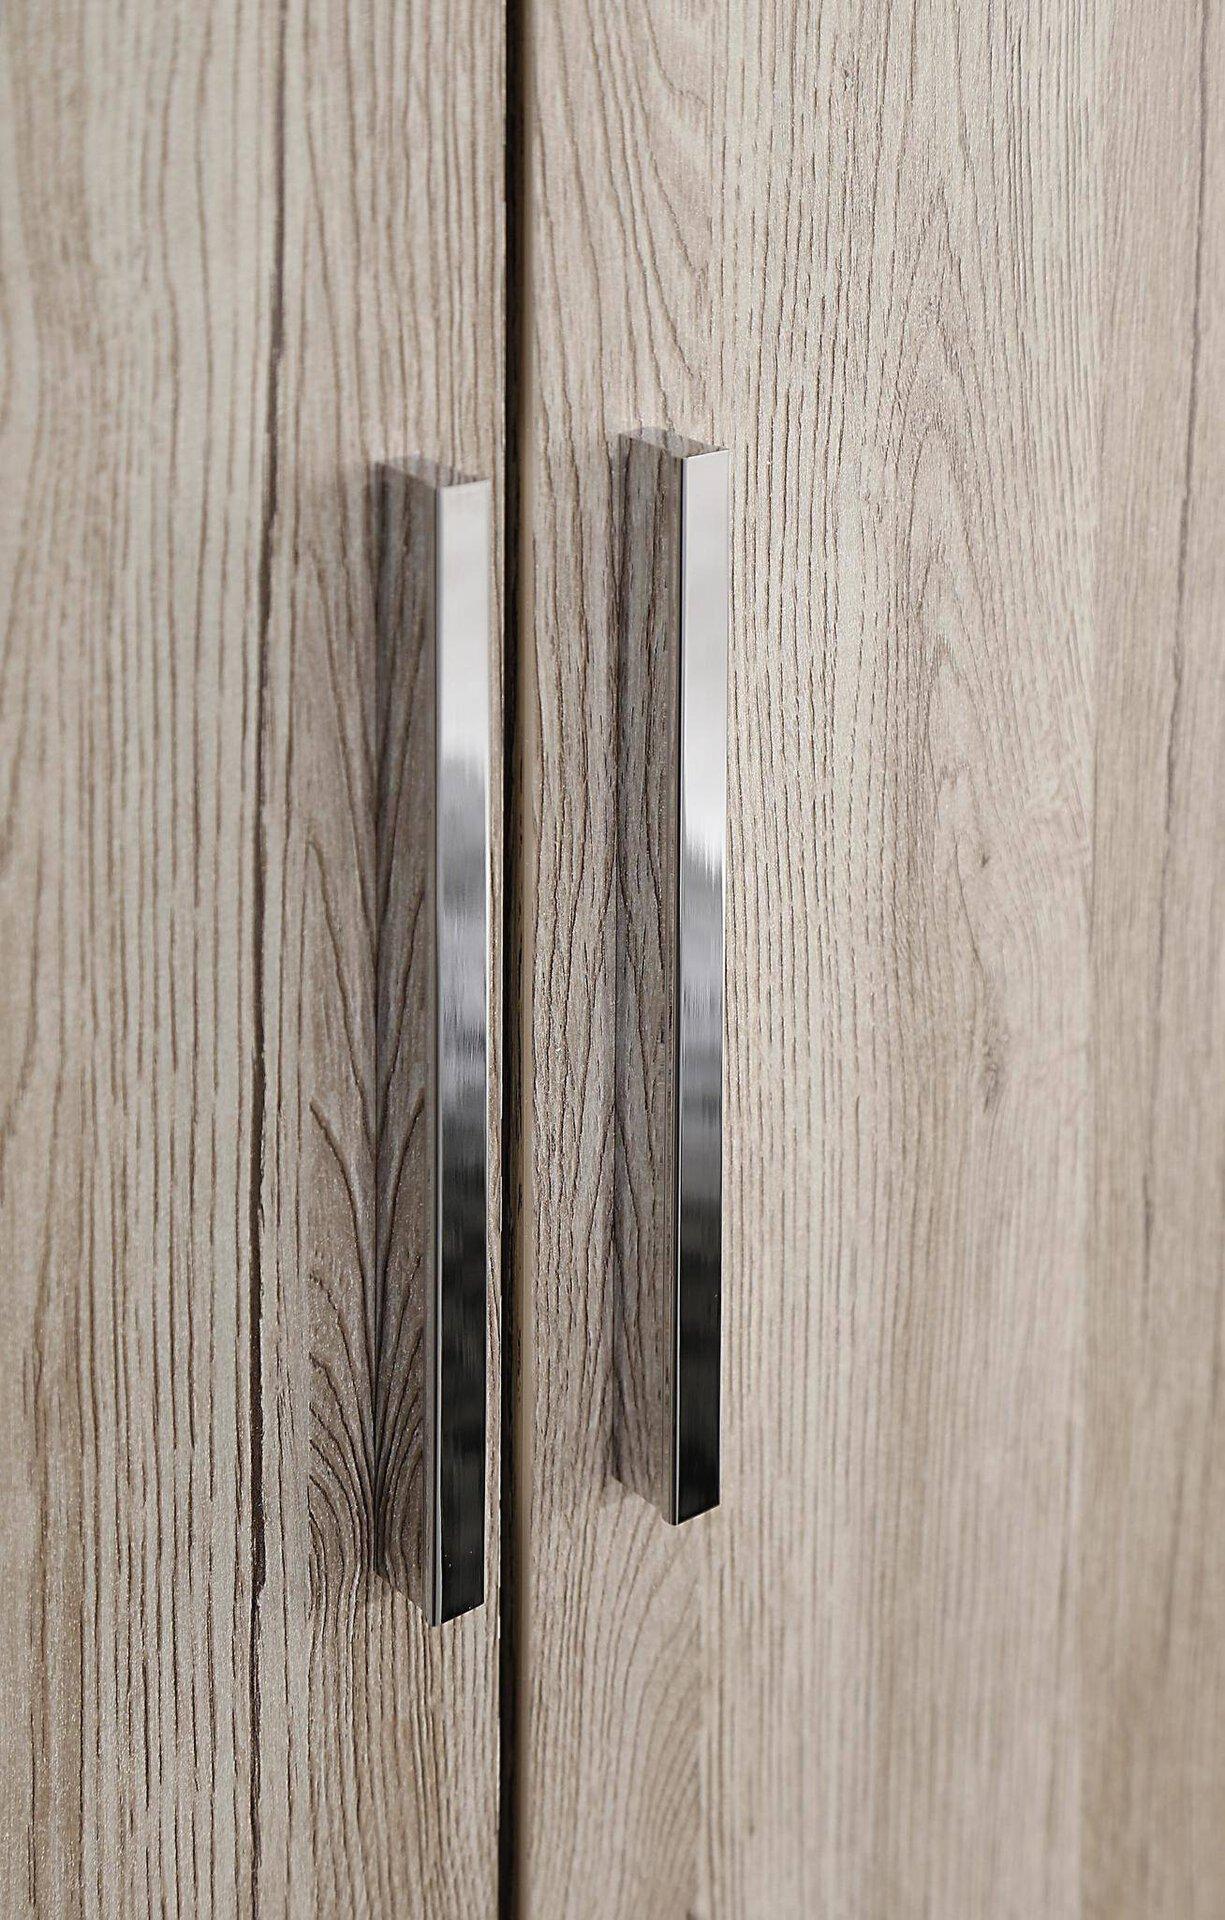 Drehtürenschrank Dimension-5 / Typ 1 rauch ORANGE Holzwerkstoff 100 x 226 x